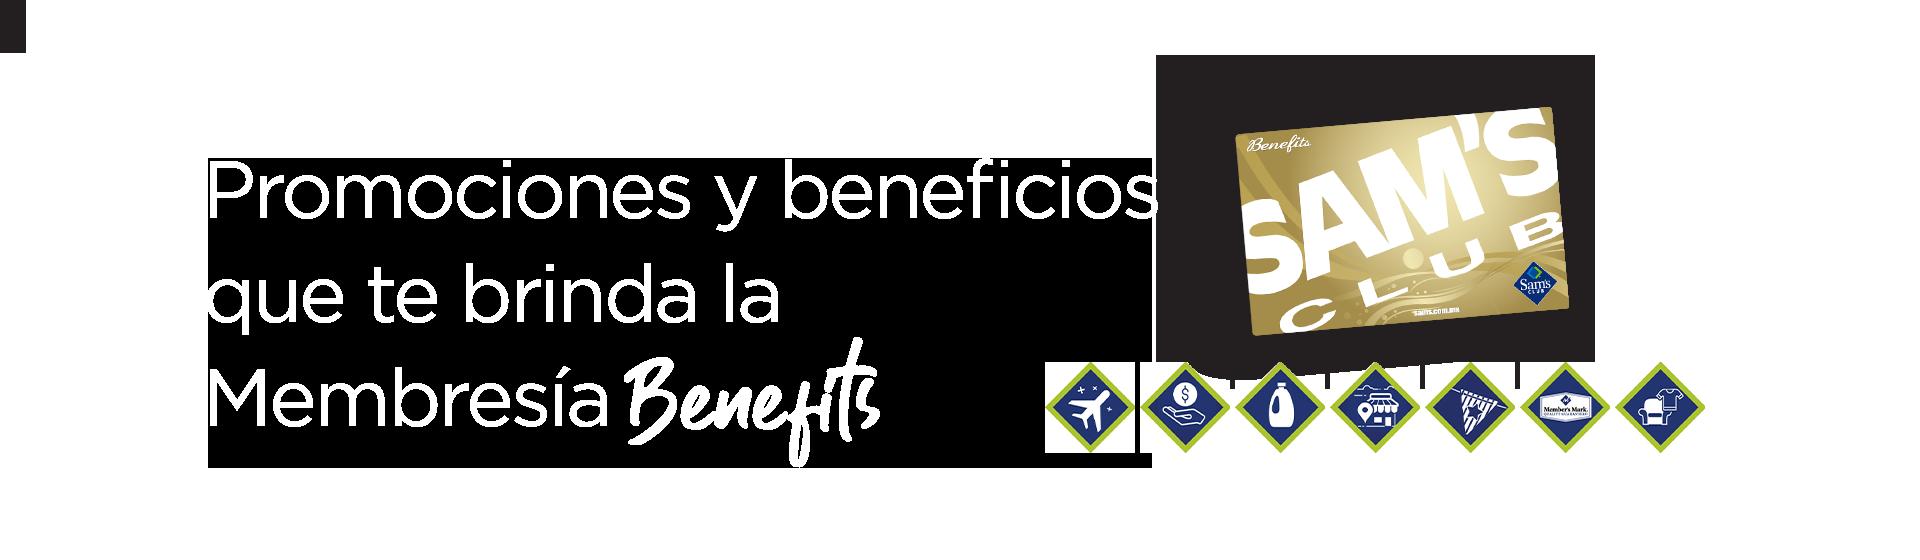 Promociones y beneficios de tu Membresía Benefits